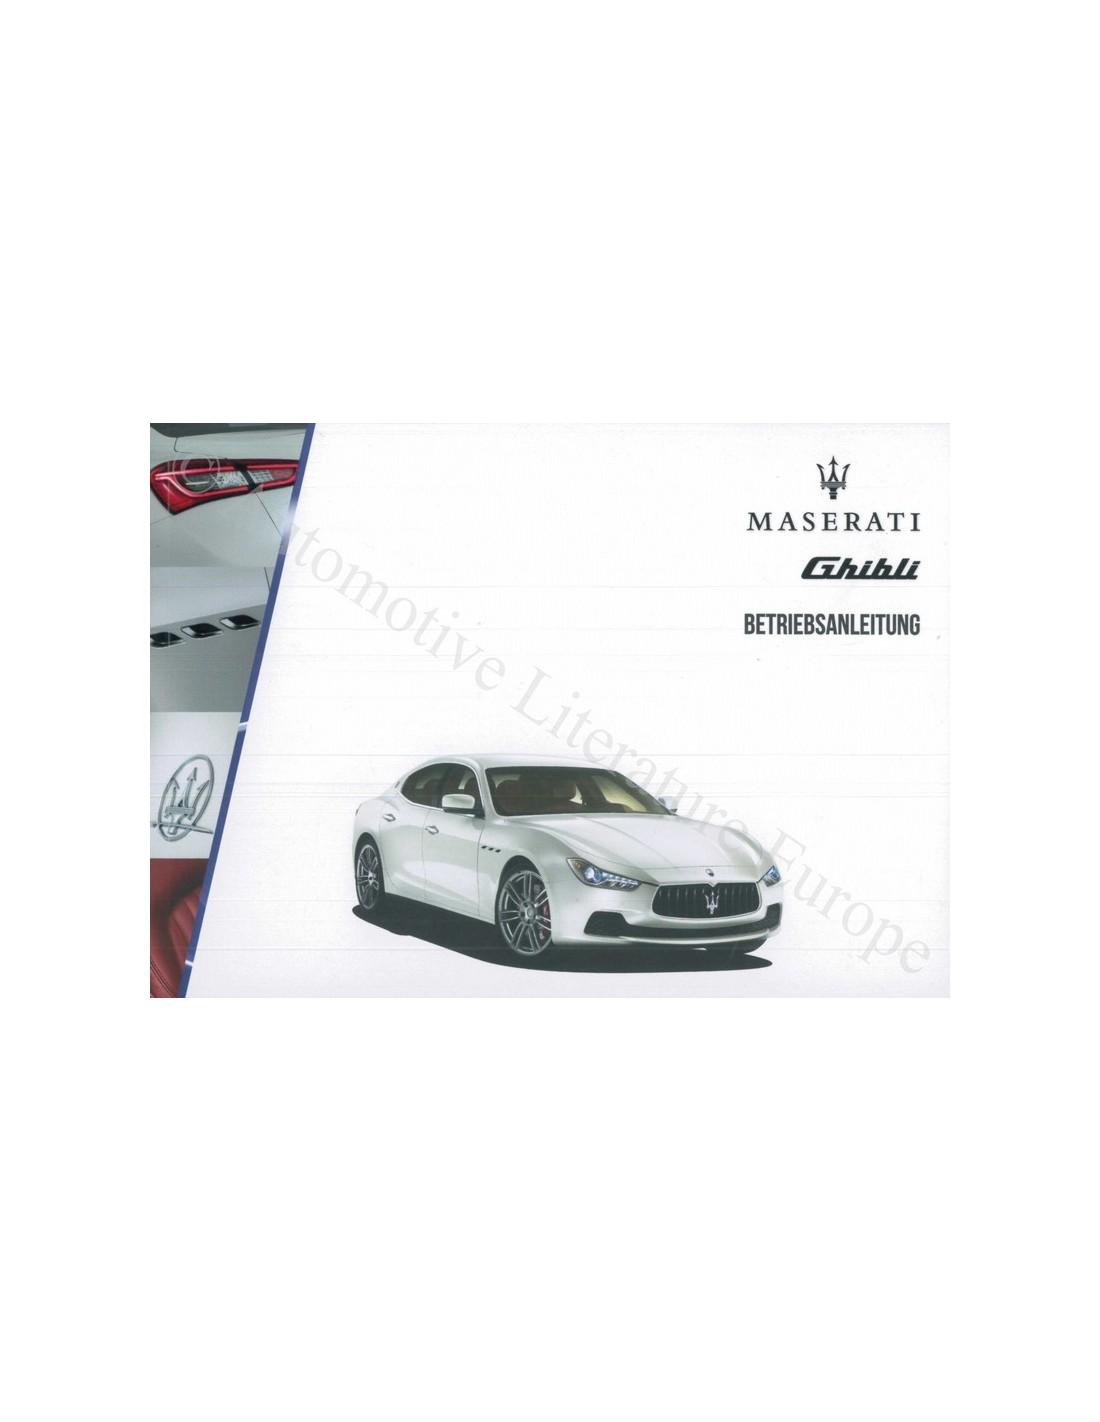 2014 maserati ghibli owner s manual german rh autolit eu maserati owners manual pdf maserati ghibli owner's manual